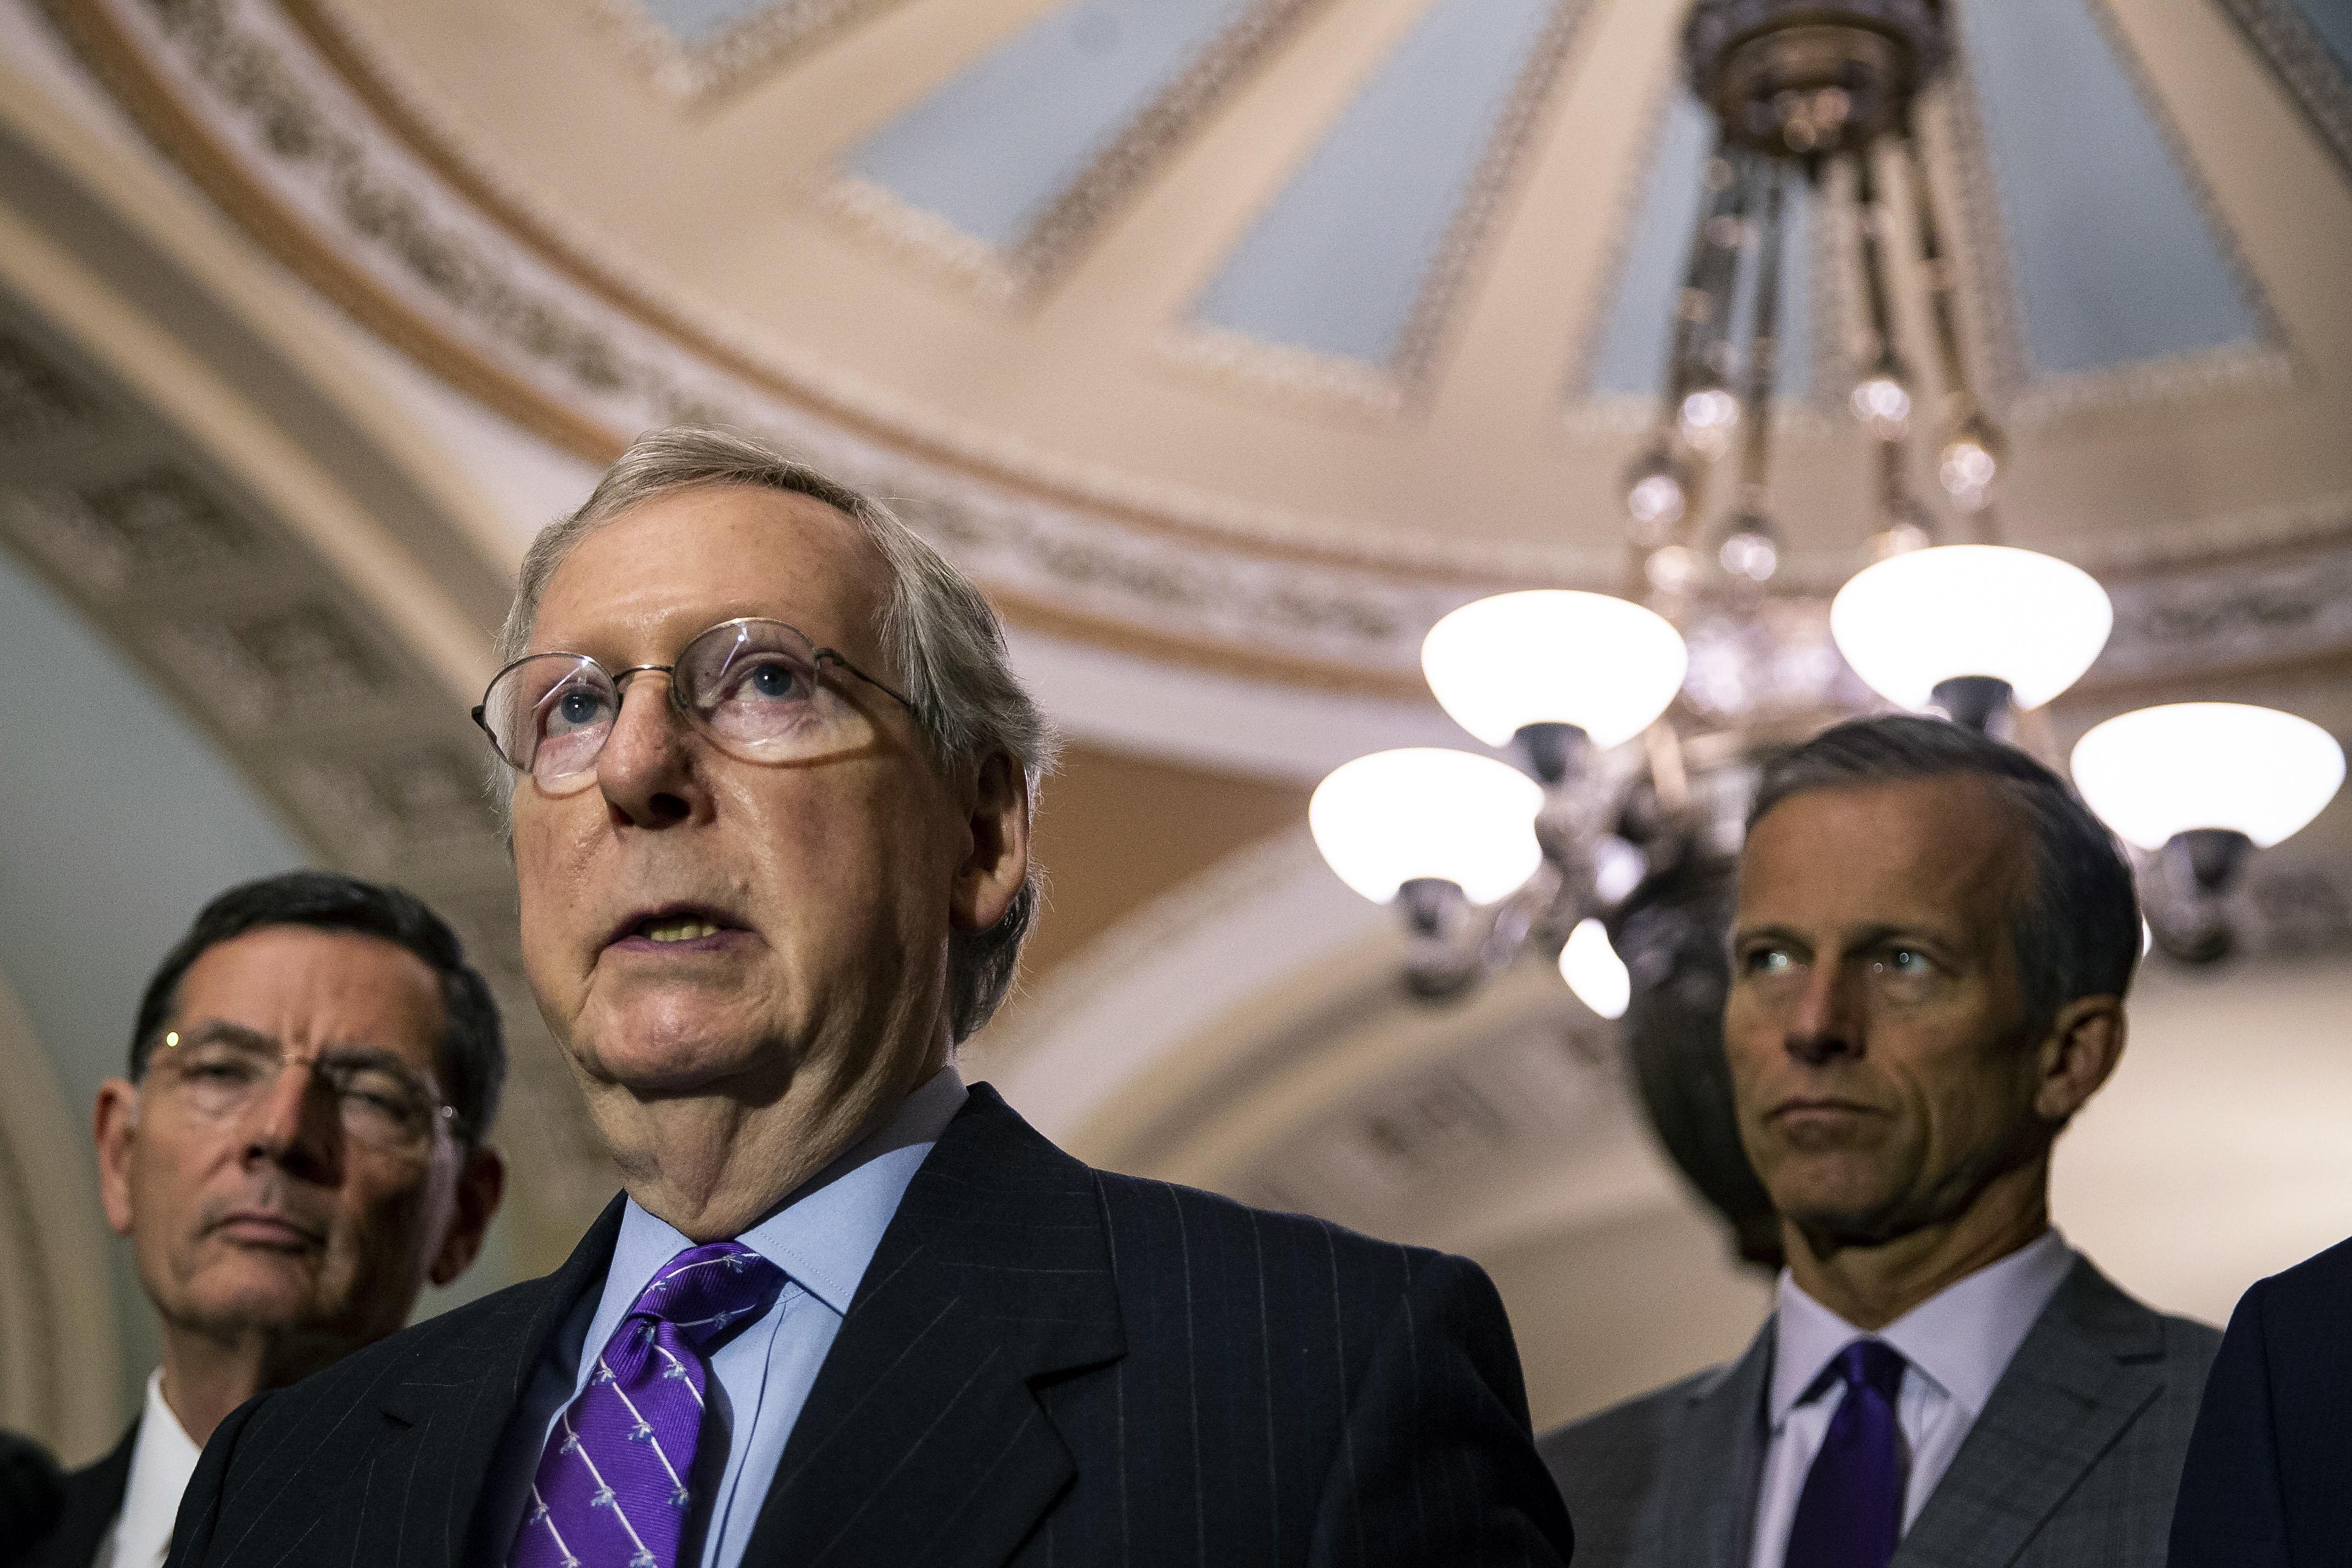 Izvješće američkih senatora potvrdio rusku umiješanost u američke izbore 2016.